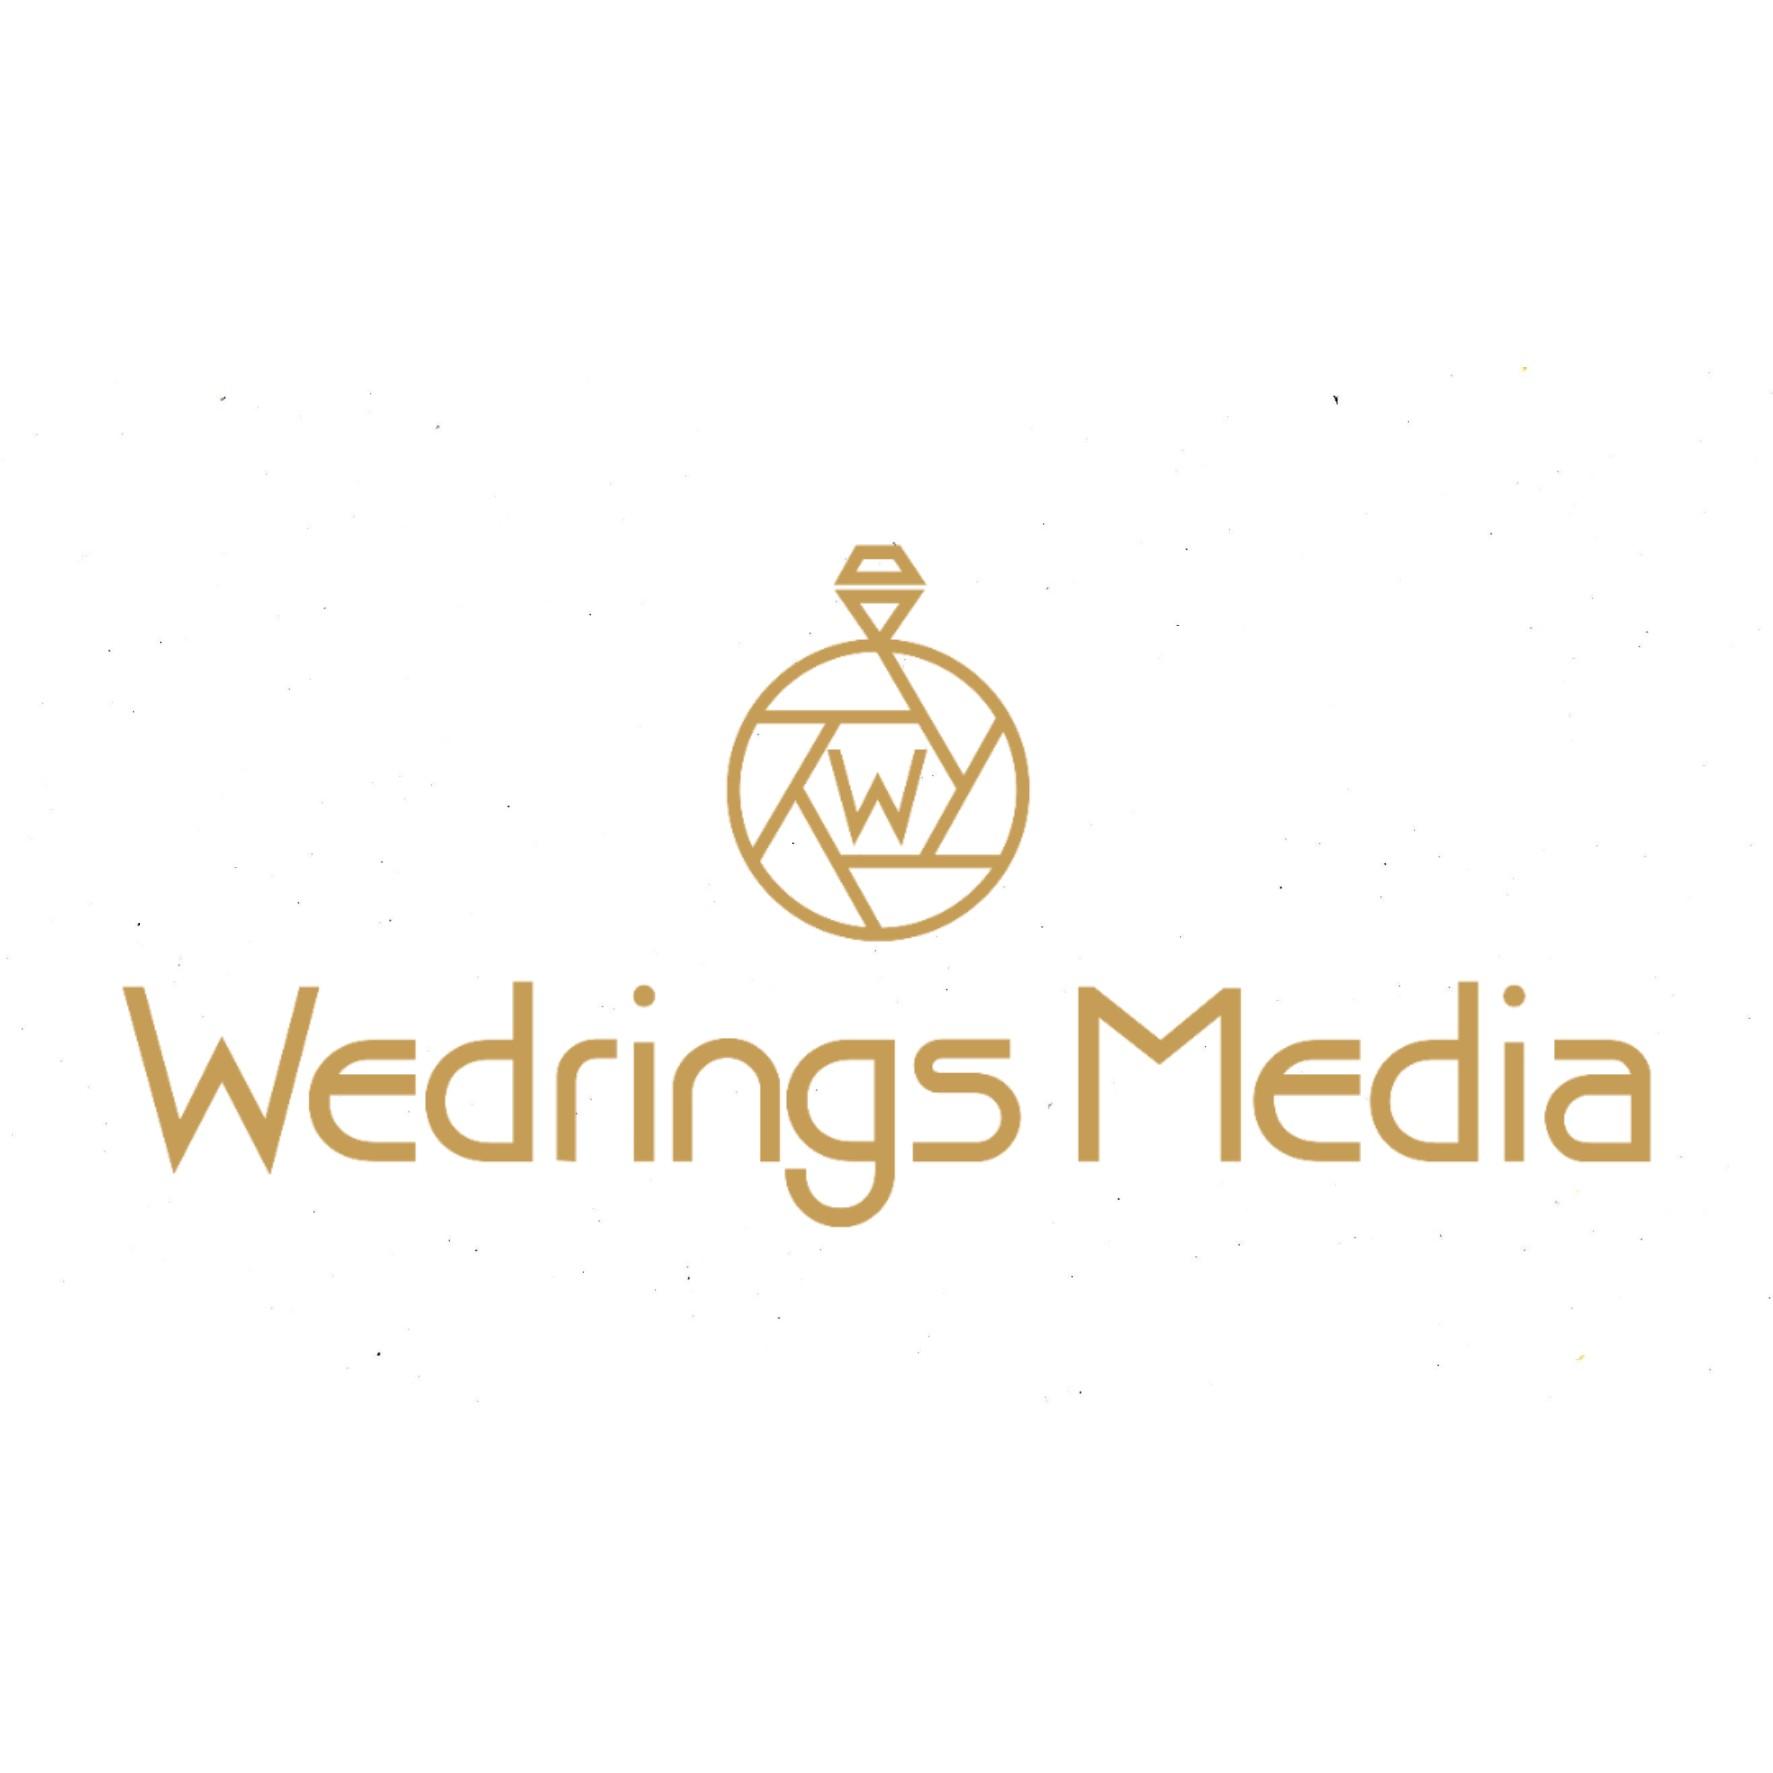 wedrings media